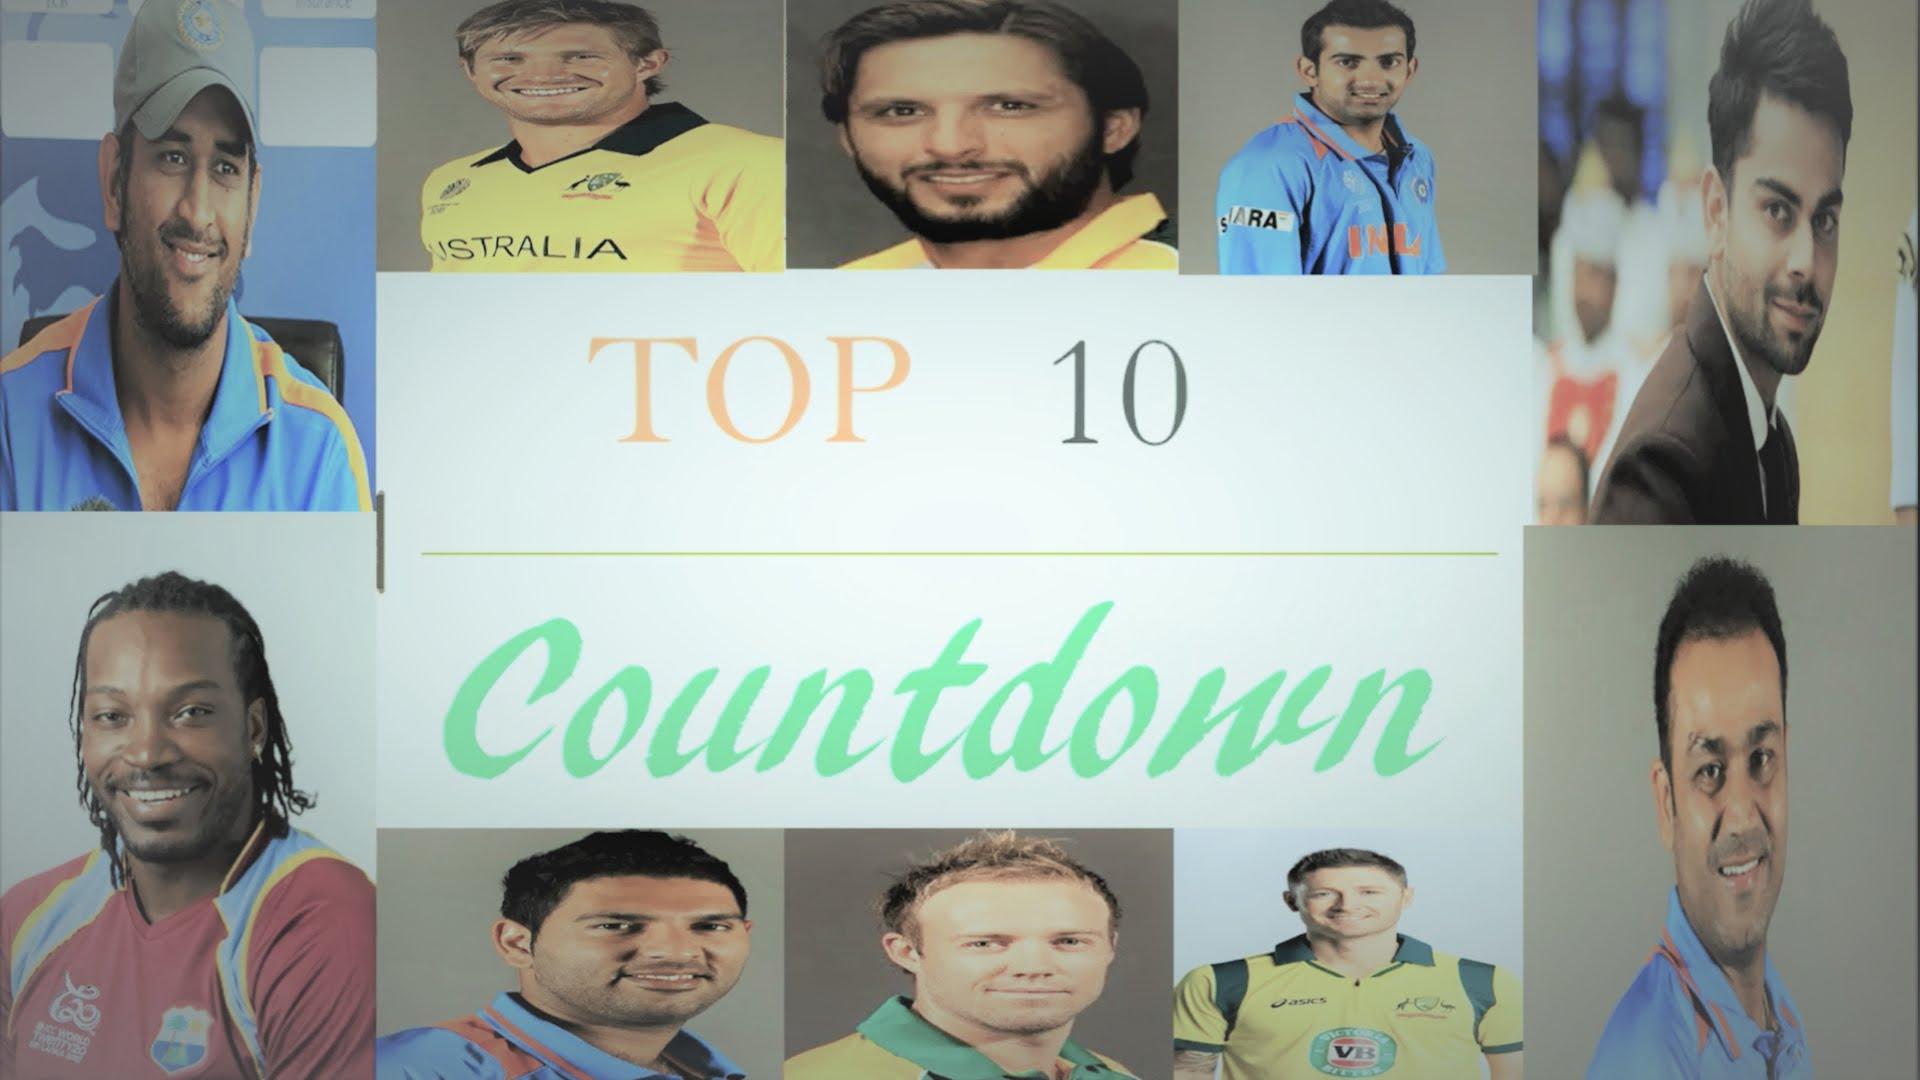 বিশ্বের ১০ ধনীতম ক্রিকেটারের তালিকা 1